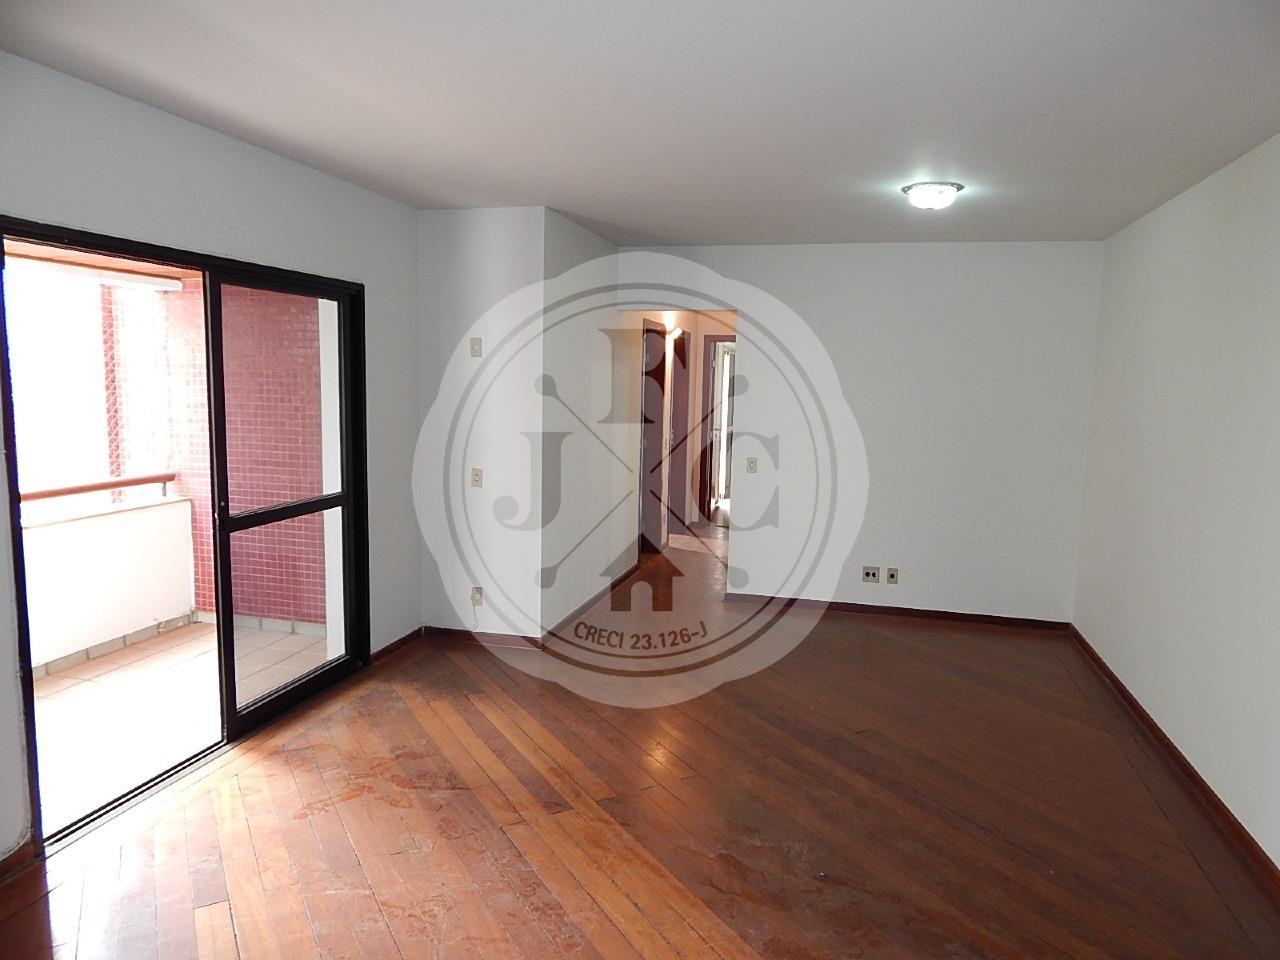 Apartamento à venda, 3 dormitórios com 1 suíte no bairro Higienópolis.